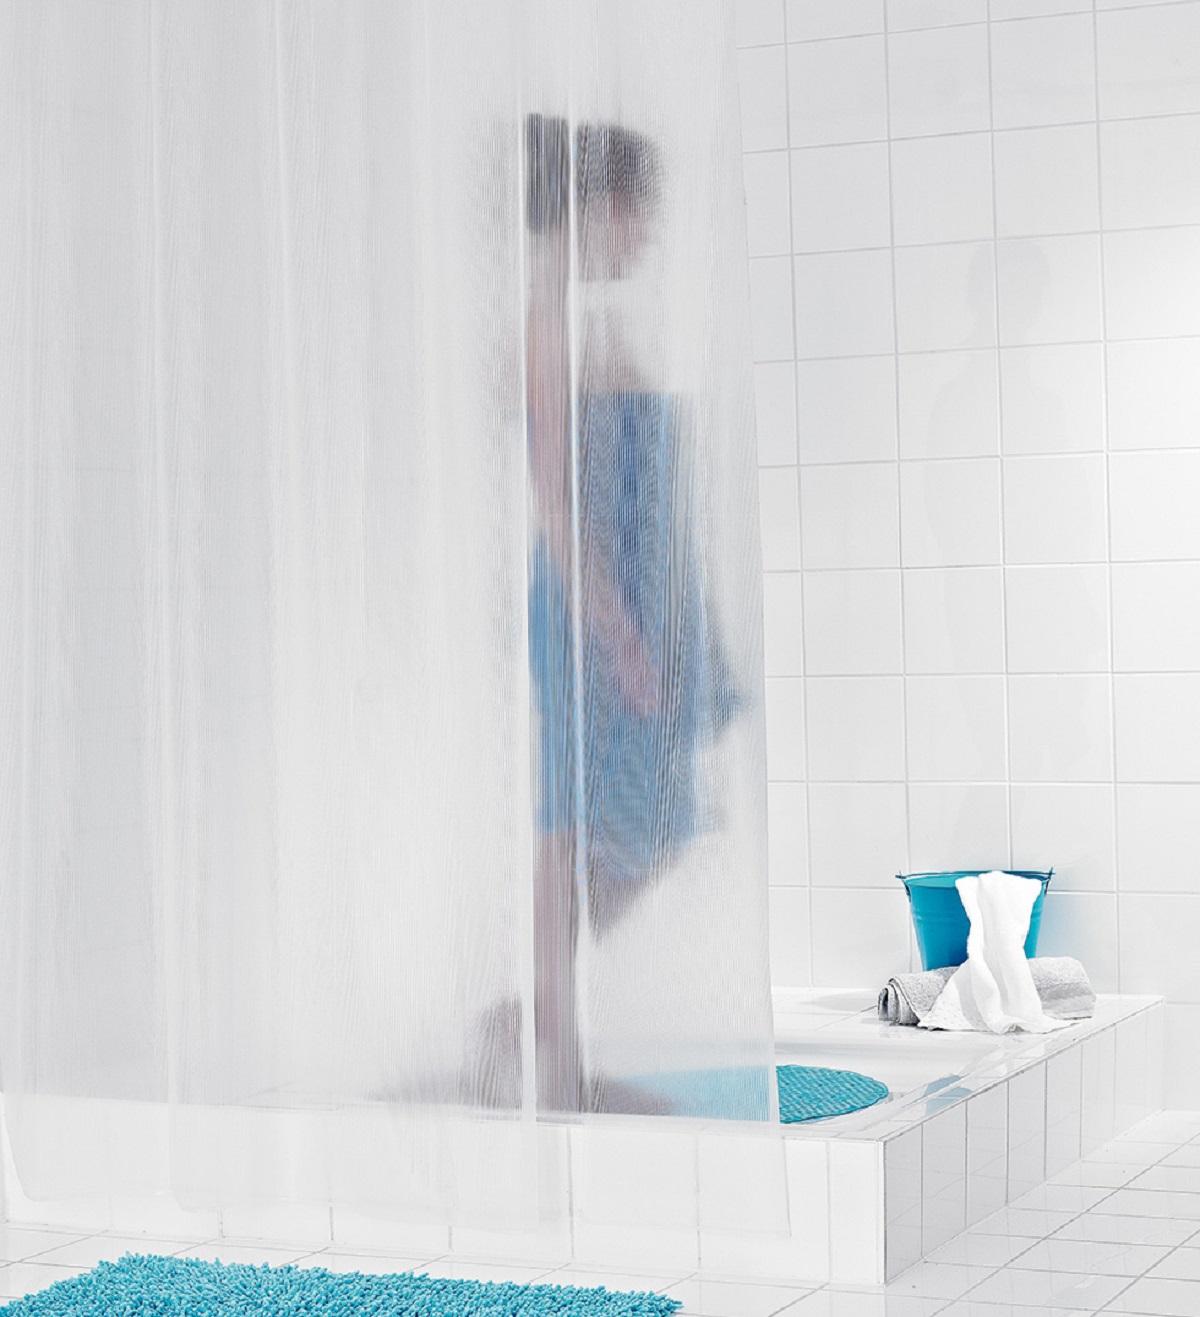 Штора для ванной комнаты Ridder Stripe, 180 х 200 см35880Высококачественная немецкая штора для душа создает прекрасное настроение. Продукты из эколена не имеют запаха и считаются экологически чистыми. Ручная стирка. Не гладить.